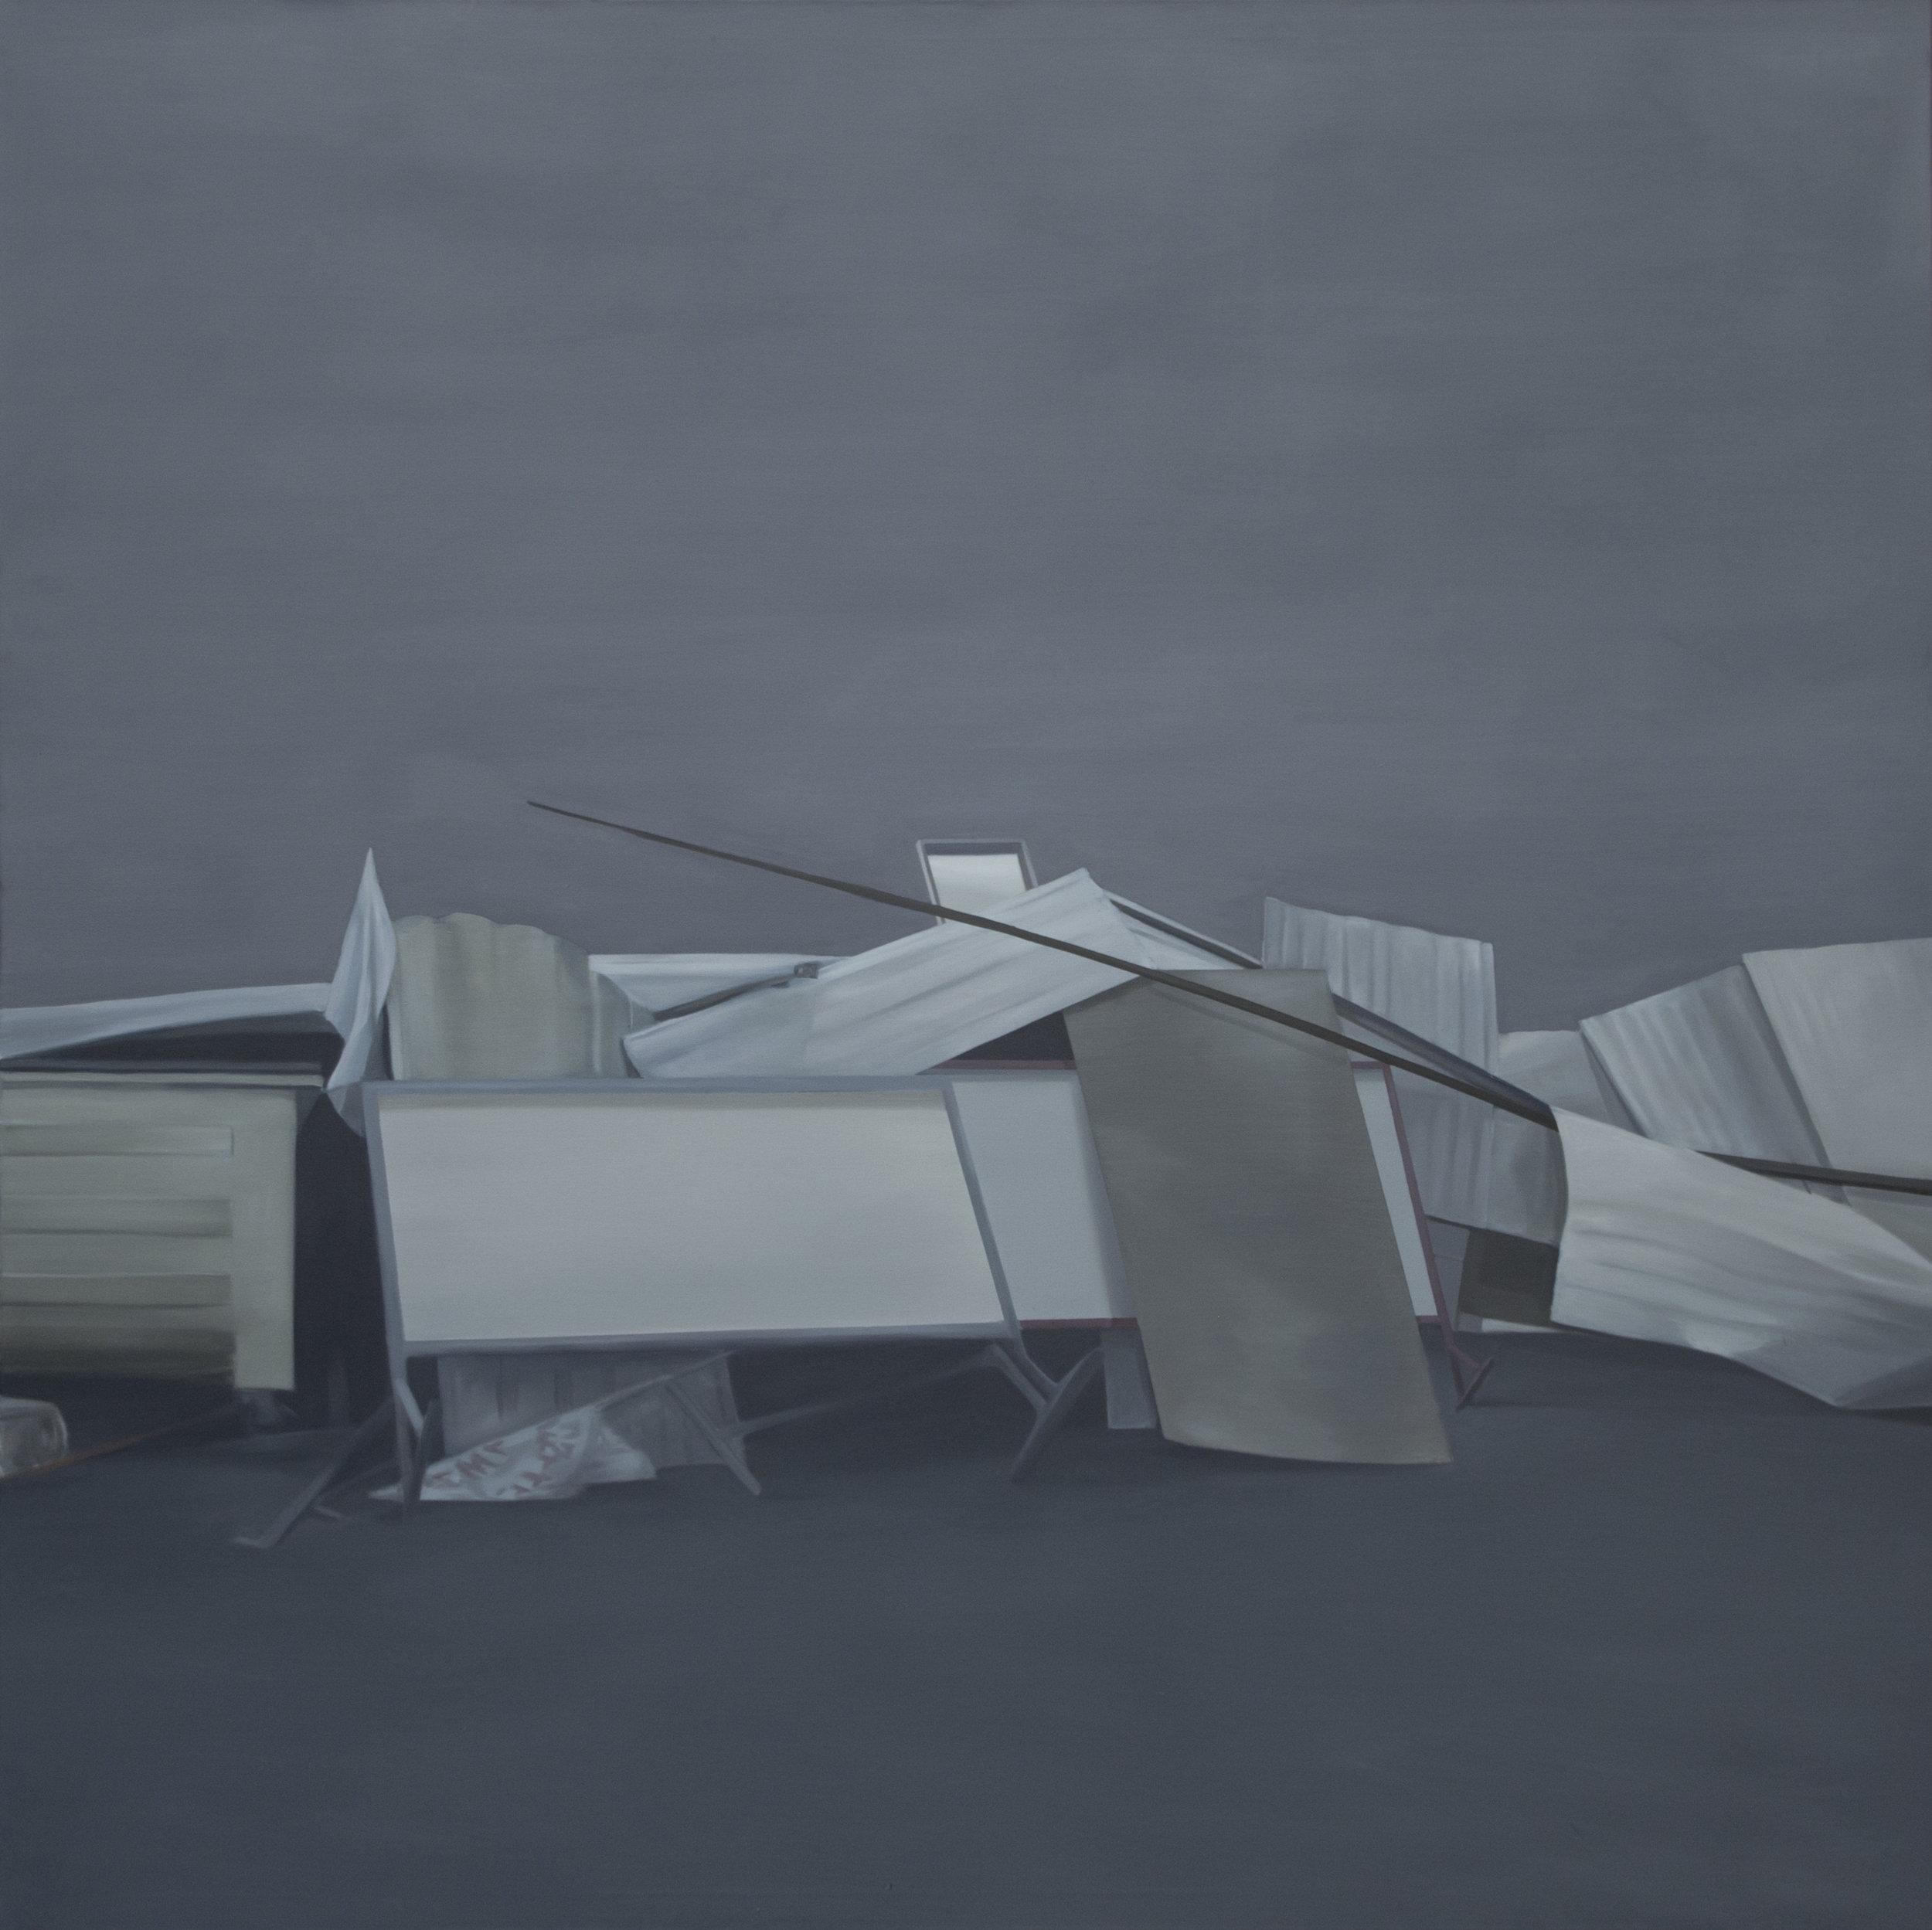 Barricade, oil on canvas, 180 x 180cm, 2017